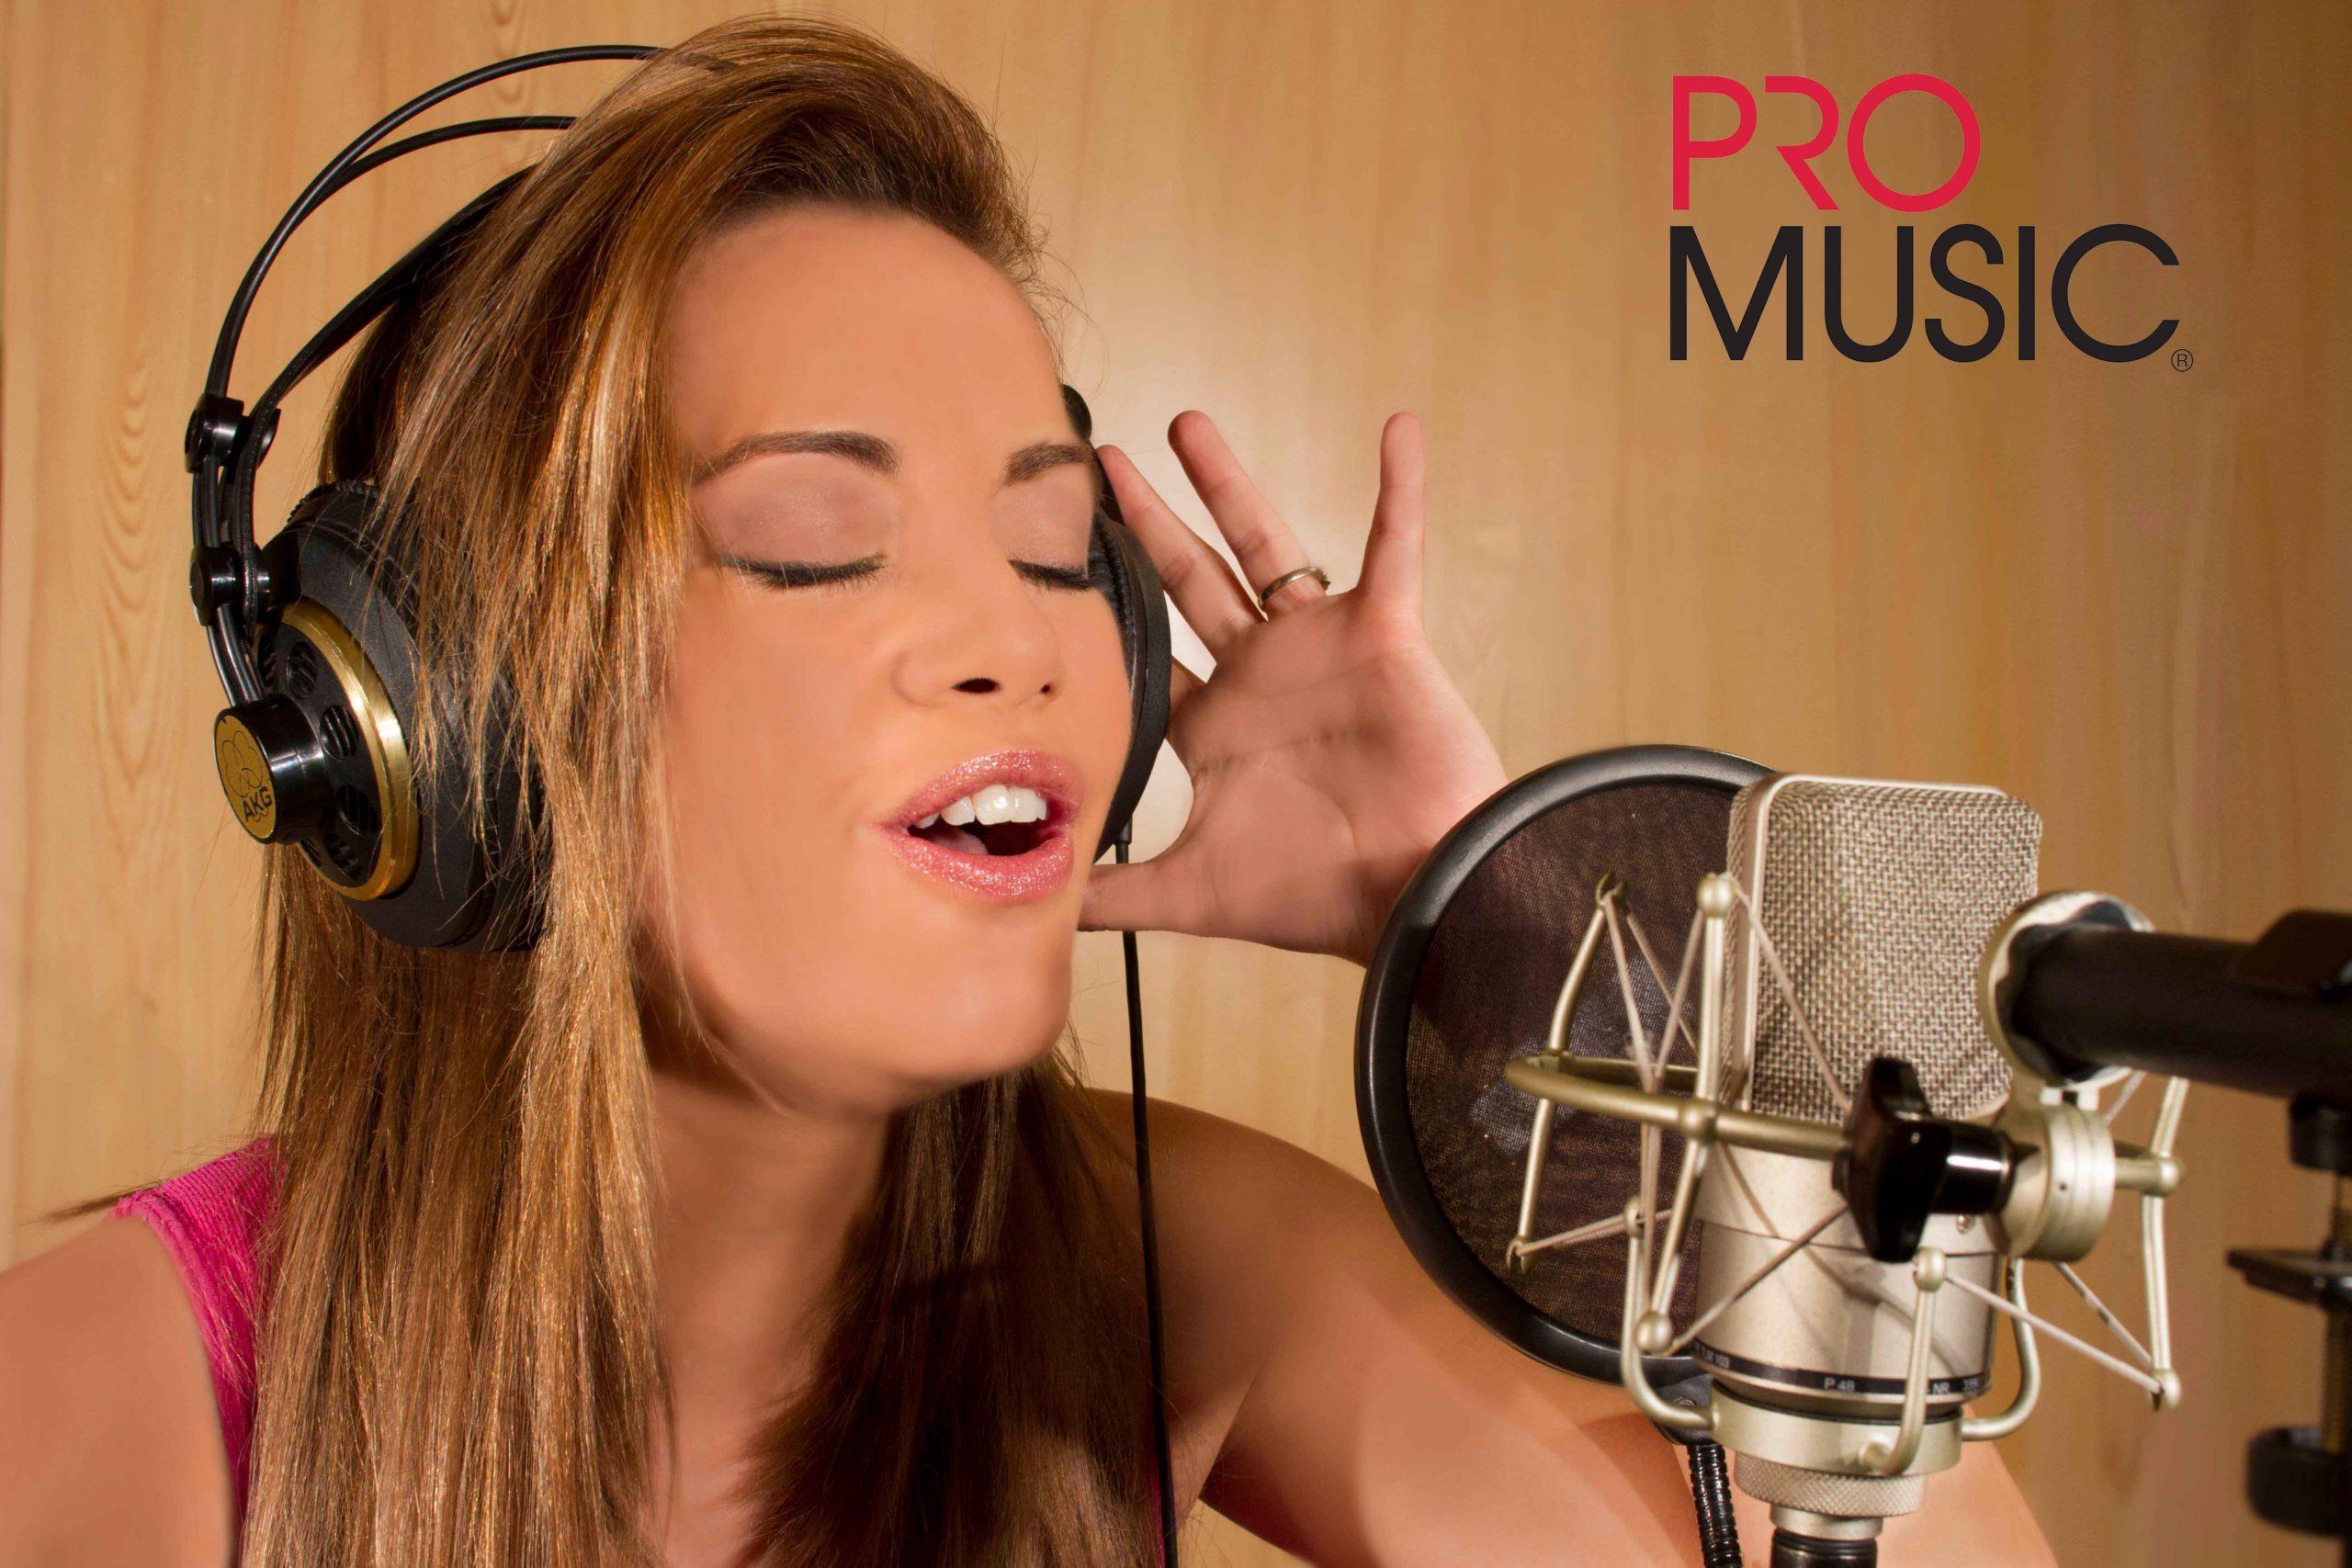 Jingles Quito Promusic Cia.Ltda. 2